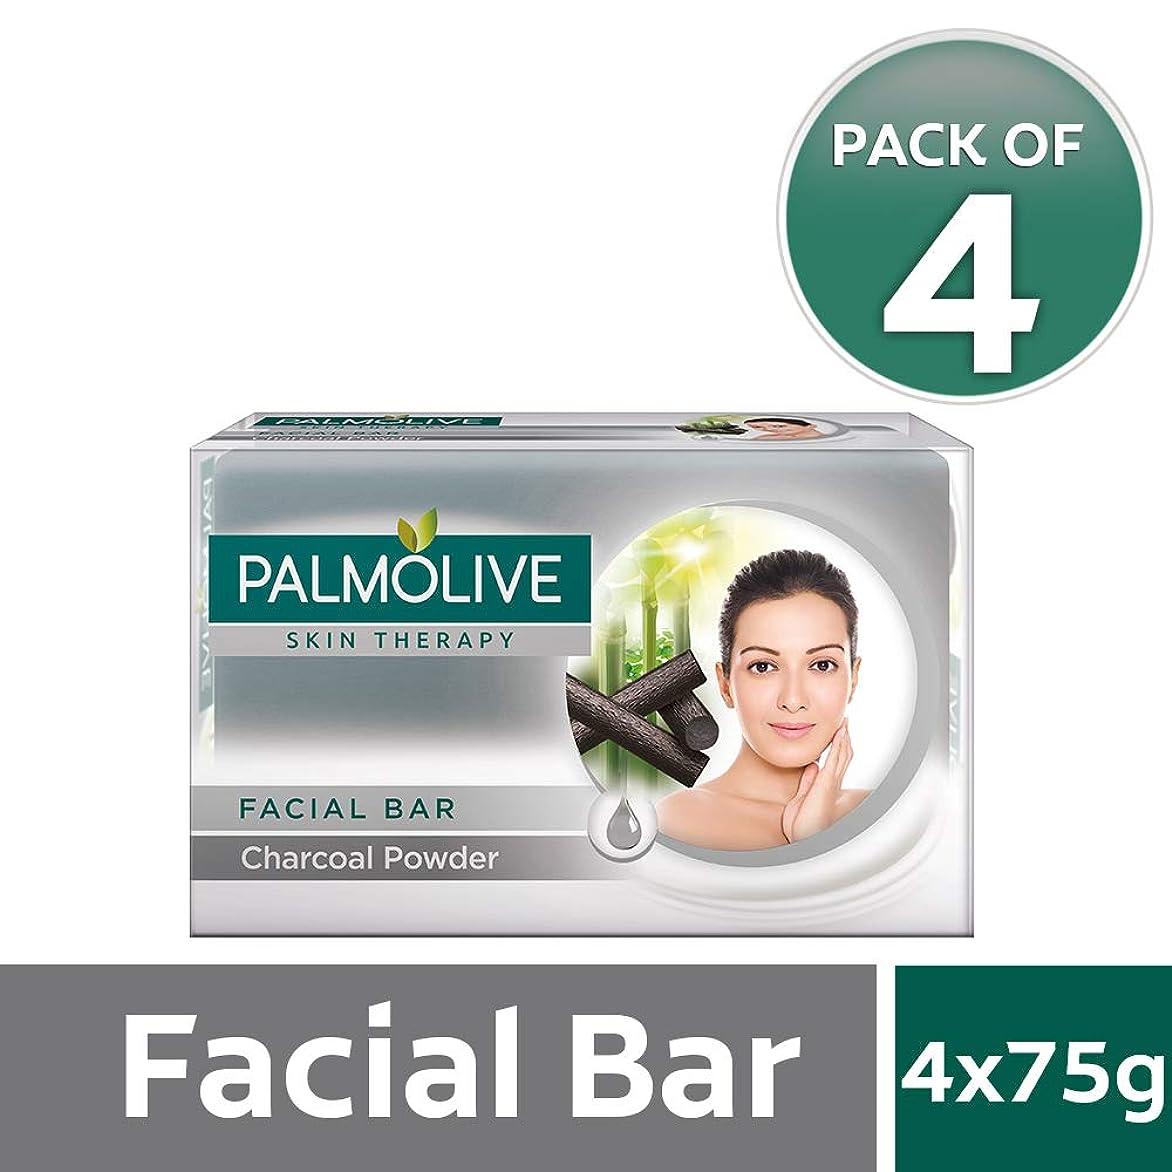 レガシー出力引退するPalmolive Skin Therapy Facial Bar Soap with Charcoal Powder - 75g (Pack of 4)